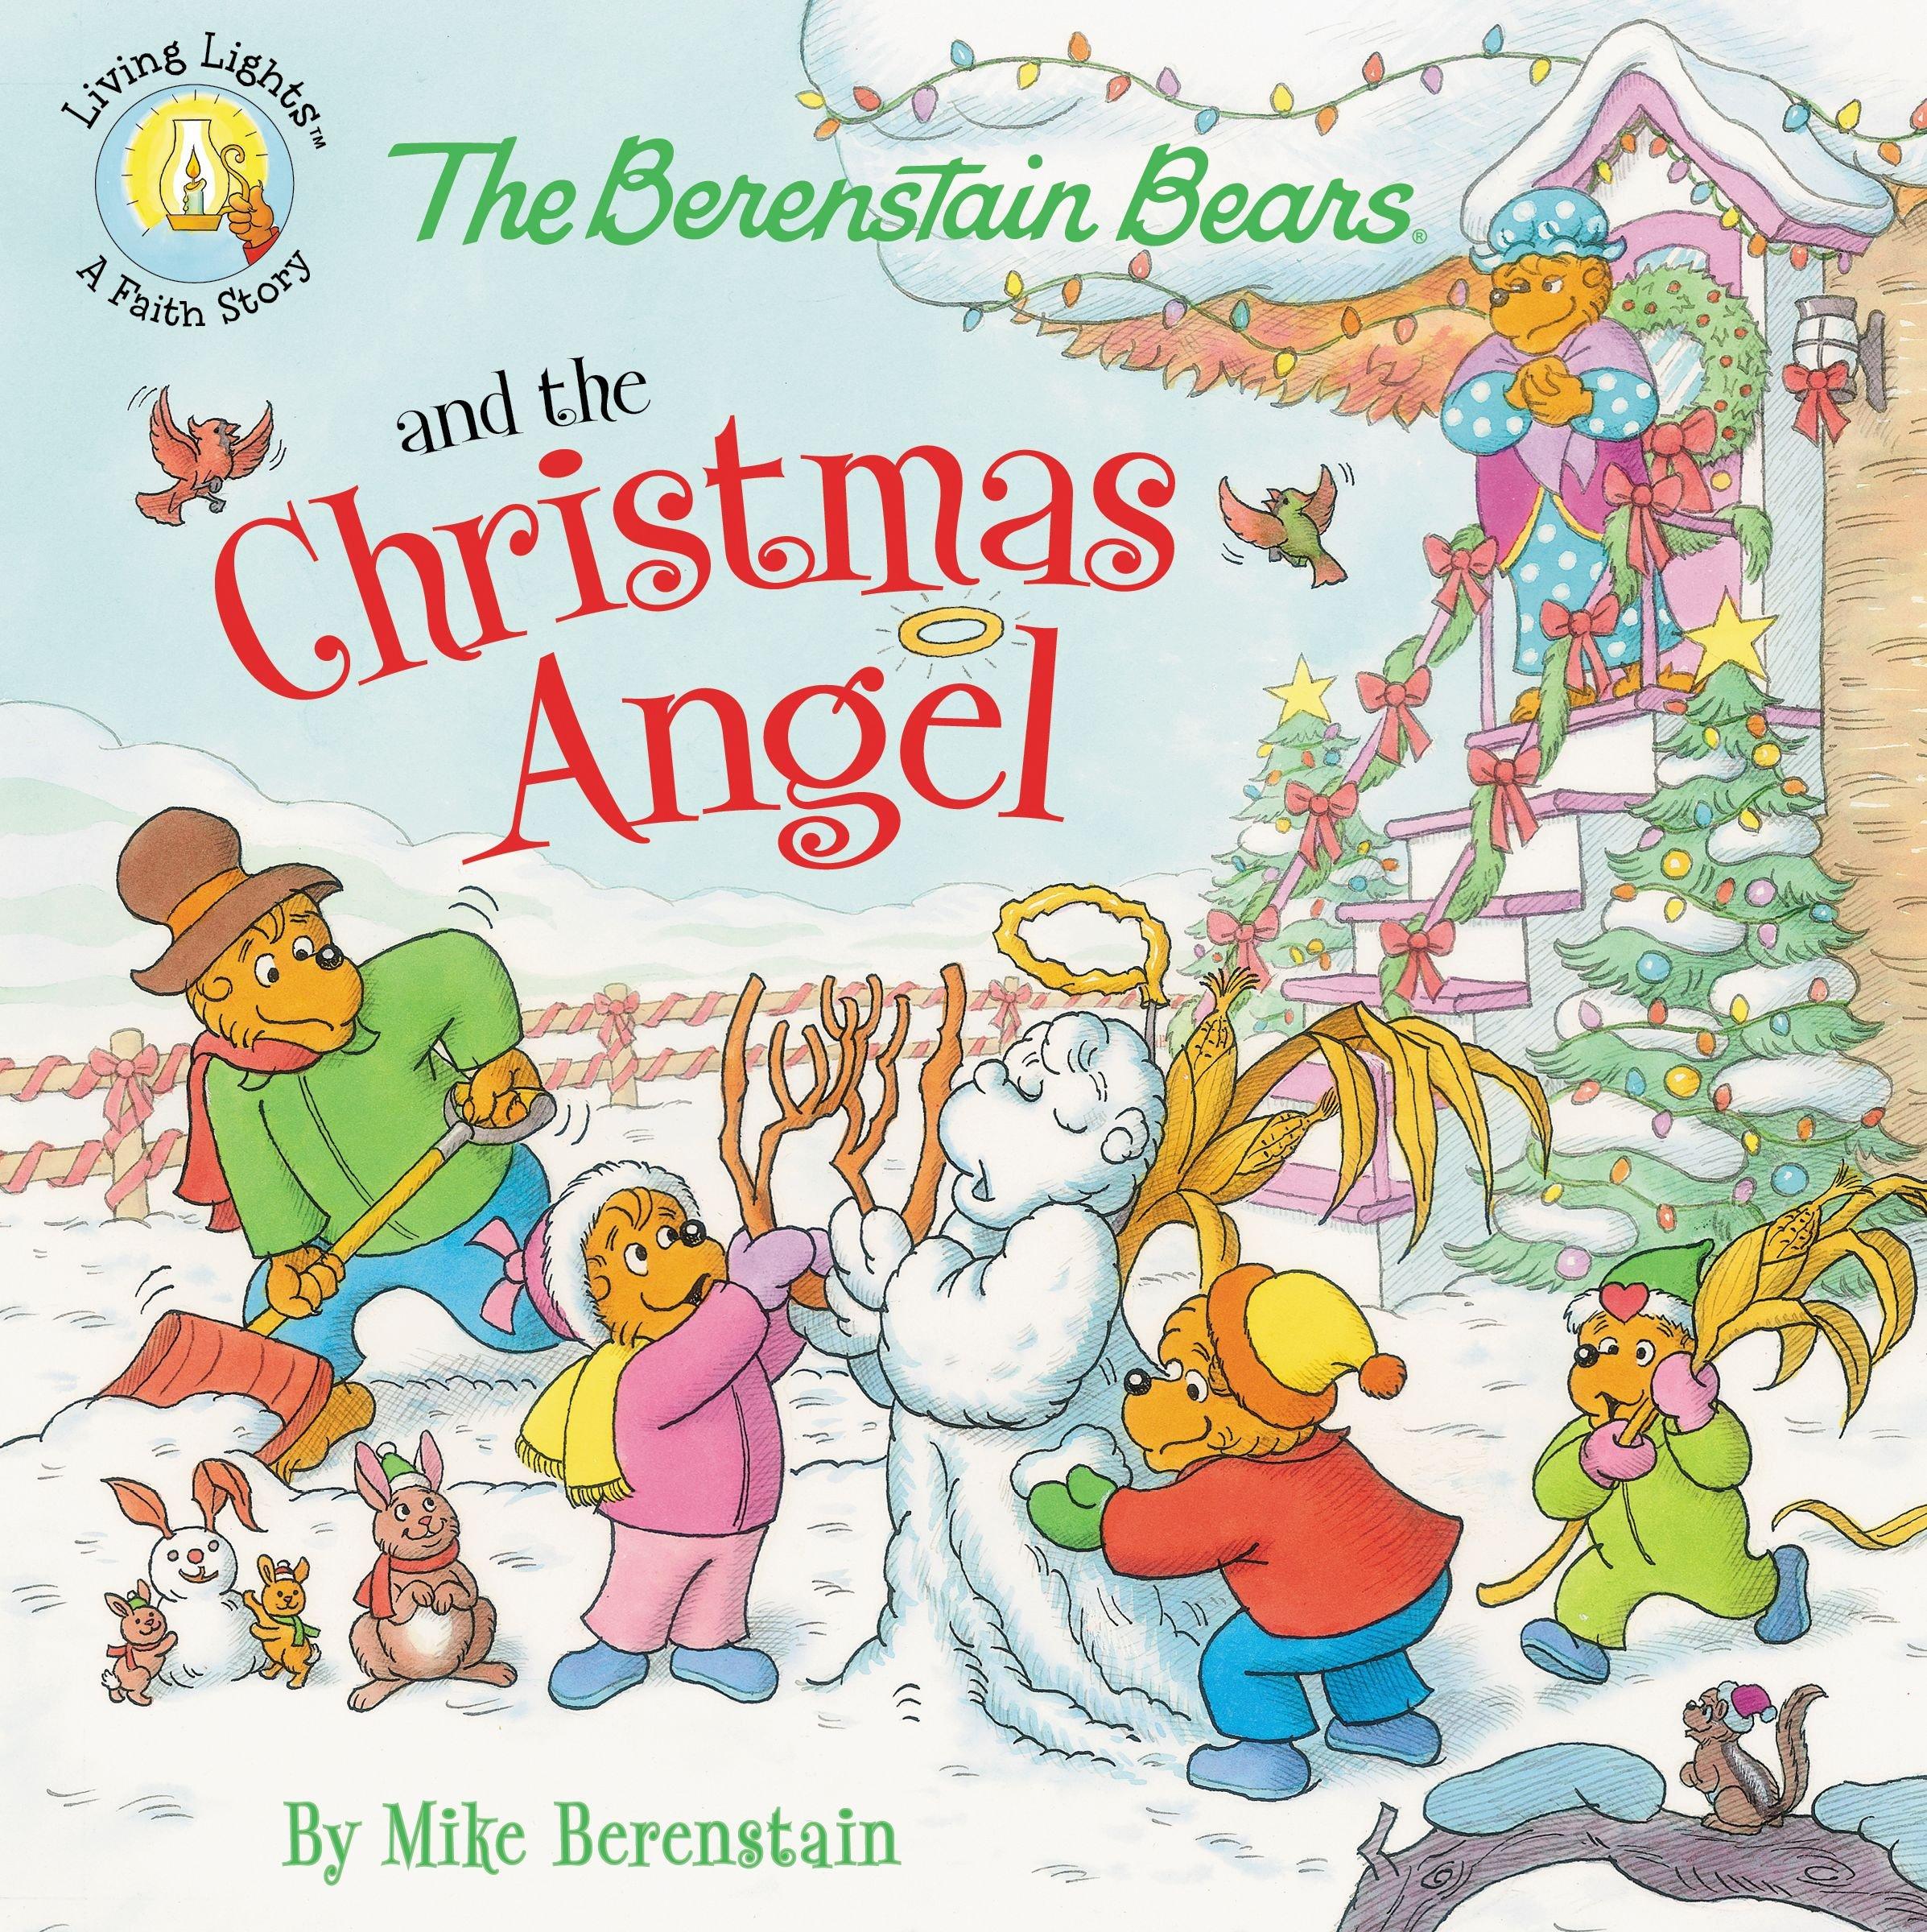 THE BERENSTAIN BEARS 11 BOOK LOT 1980s-1990s Beginner Books